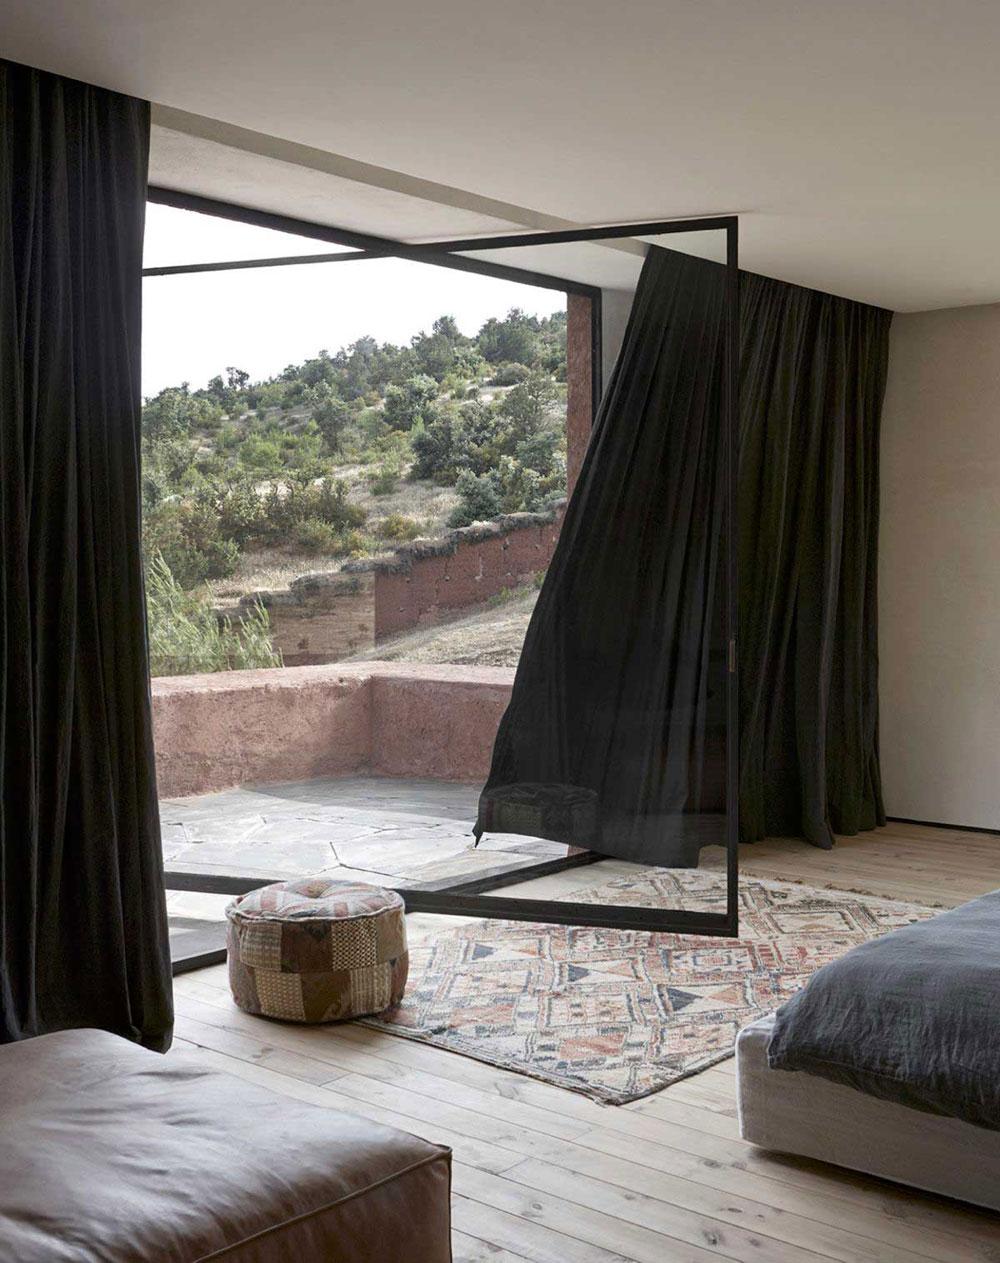 Moroccan, Home, Interior, Industrial, Minimal Inspiration, Bedroom, Oracle Fox